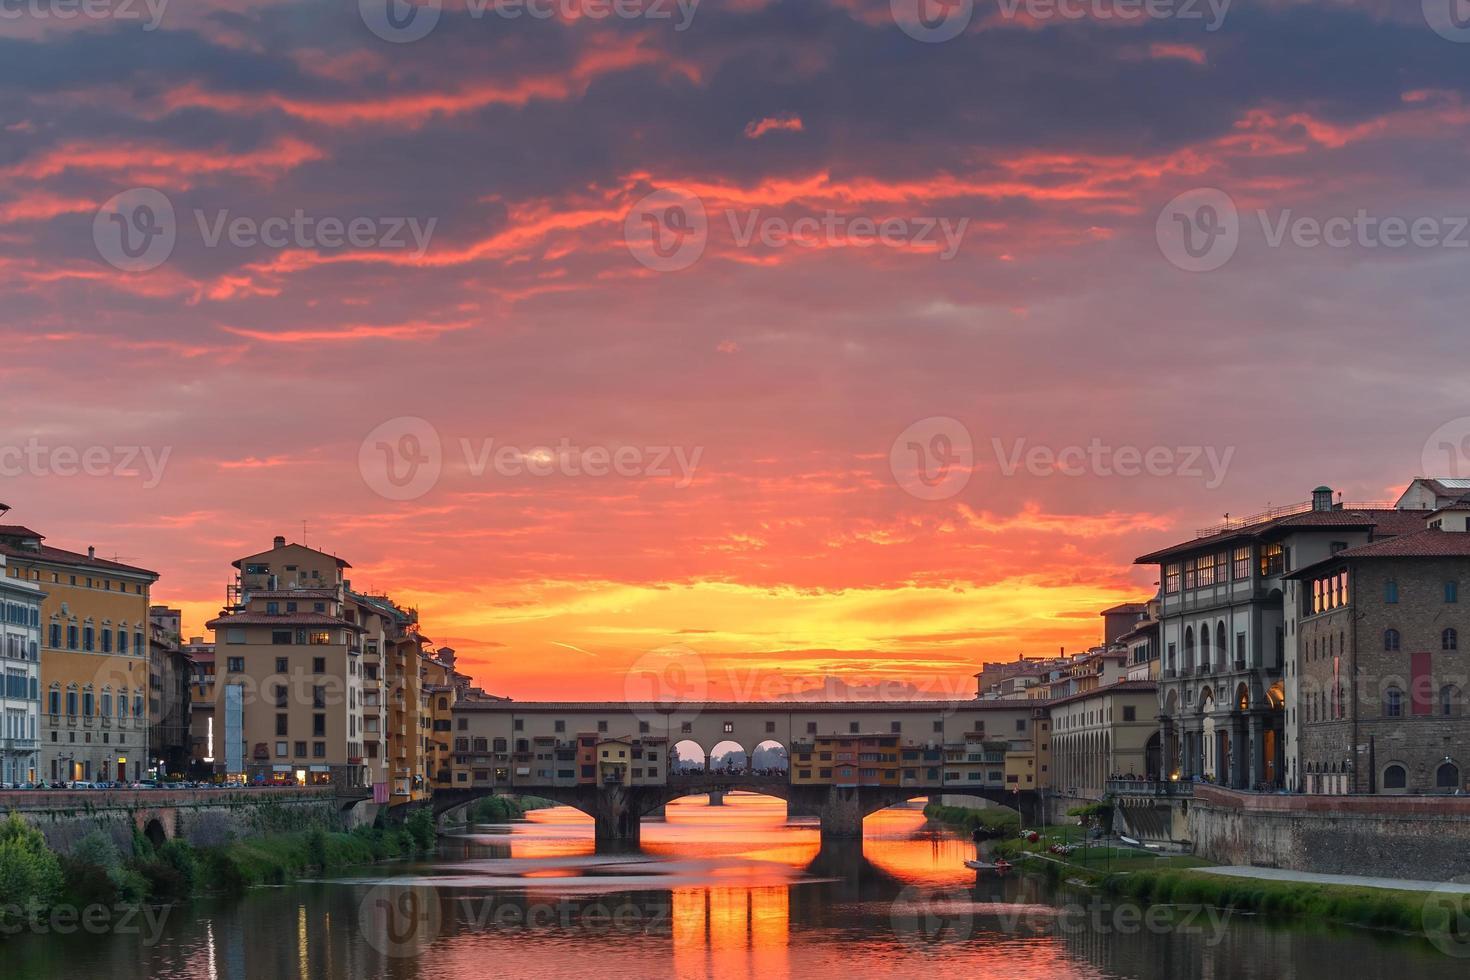 arno e ponte vecchio al tramonto, firenze, italia foto